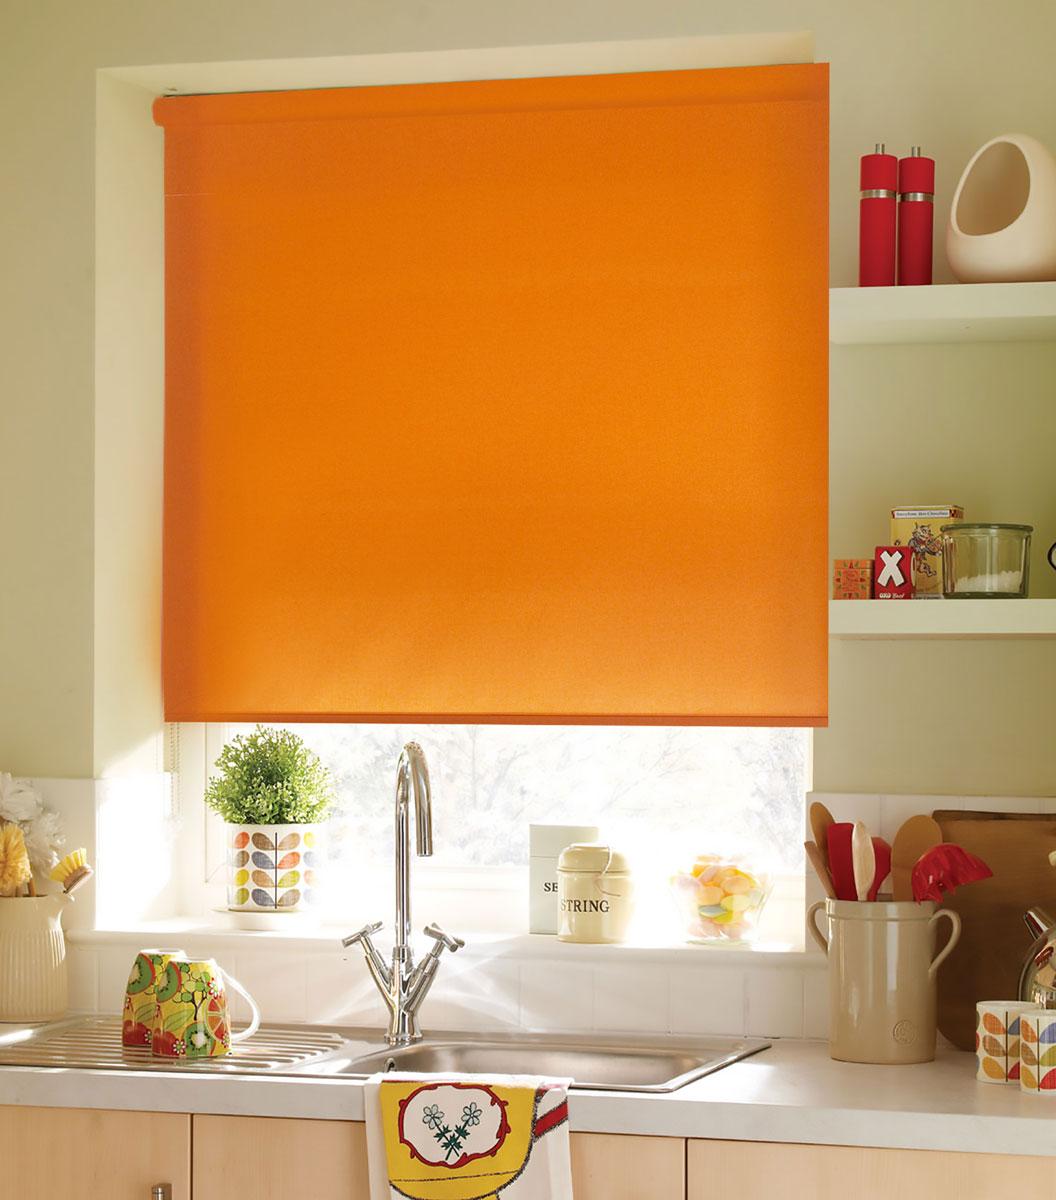 Штора рулонная KauffOrt Миниролло, цвет: оранжевый, ширина 68 см, высота 170 см3068203Рулонная штора KauffOrt Миниролло выполнена из высокопрочной ткани, которая сохраняет свой размер даже при намокании. Ткань не выцветает и обладает отличной цветоустойчивостью. Миниролло - это подвид рулонных штор, который закрывает не весь оконный проем, а непосредственно само стекло. Такие шторы крепятся на раму без сверления при помощи зажимов или клейкой двухсторонней ленты (в комплекте). Окно остается на гарантии, благодаря монтажу без сверления. Такая штора станет прекрасным элементом декора окна и гармонично впишется в интерьер любого помещения.